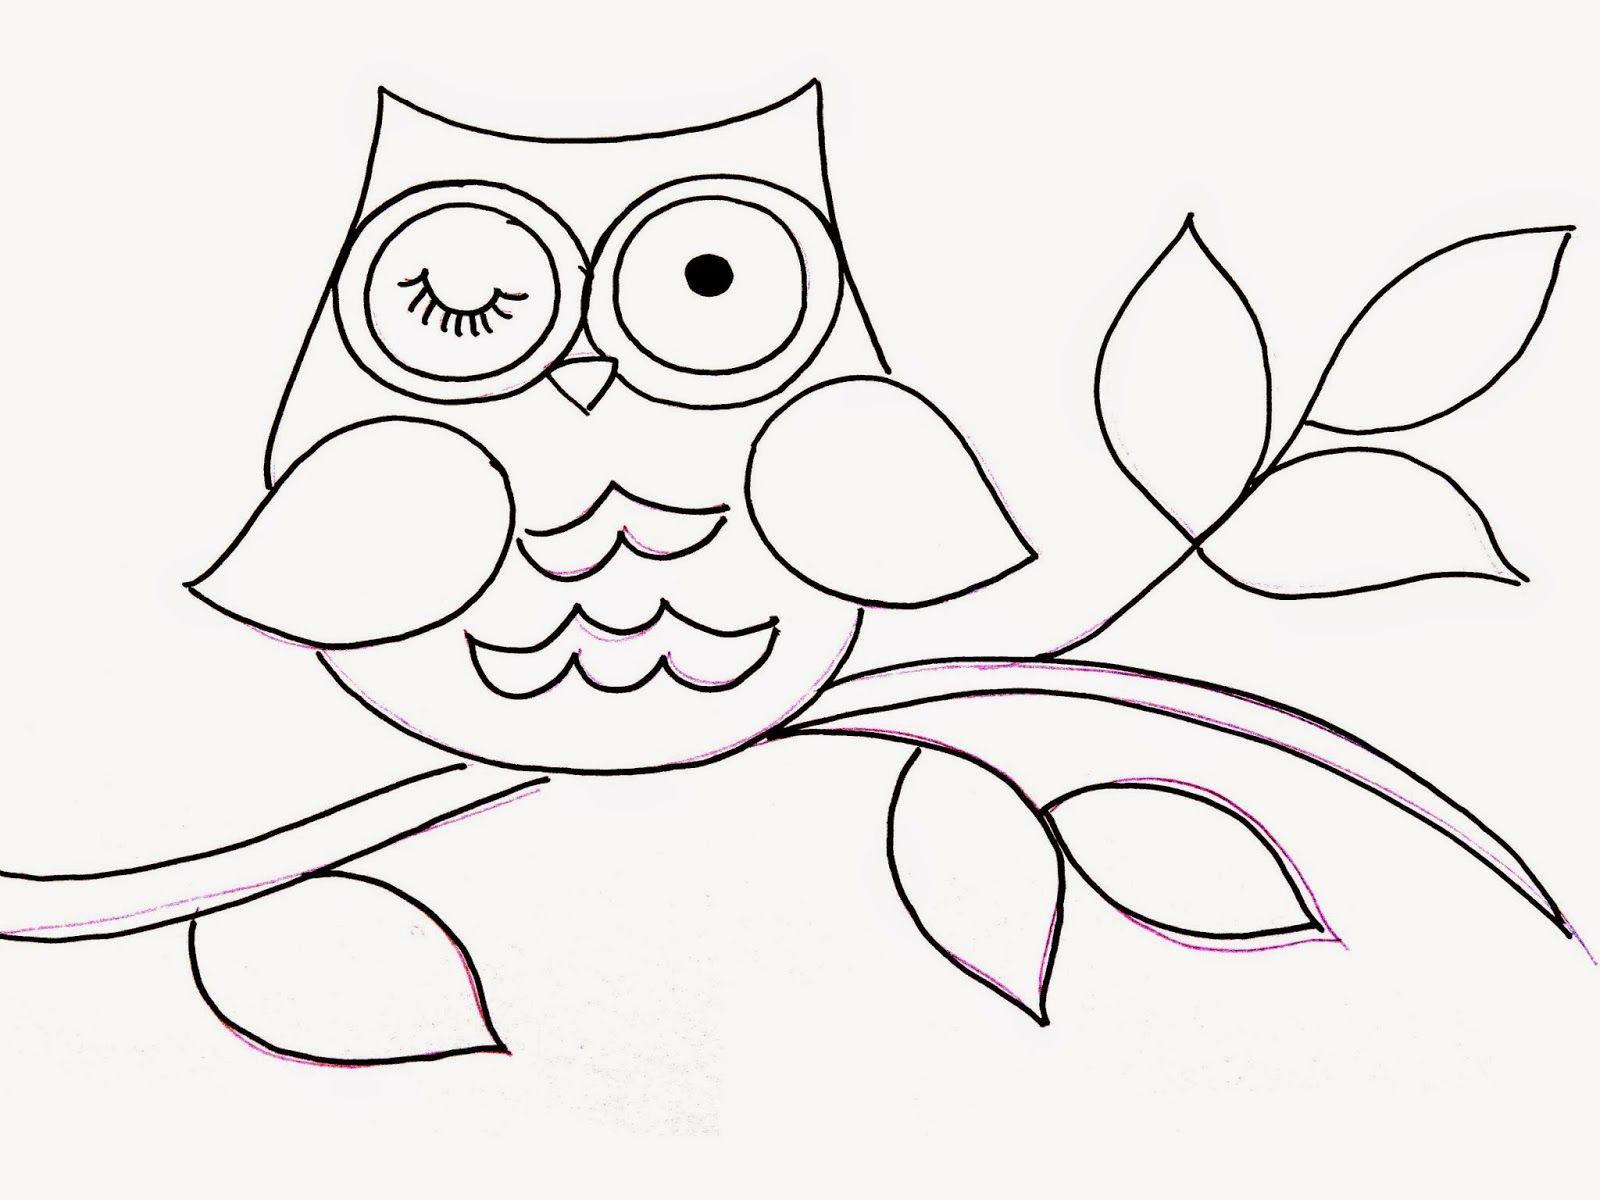 Pin Do A Mariana Matias Em Desenhos Para Pintar: Artes Mariana Santos: Dezembro 2014